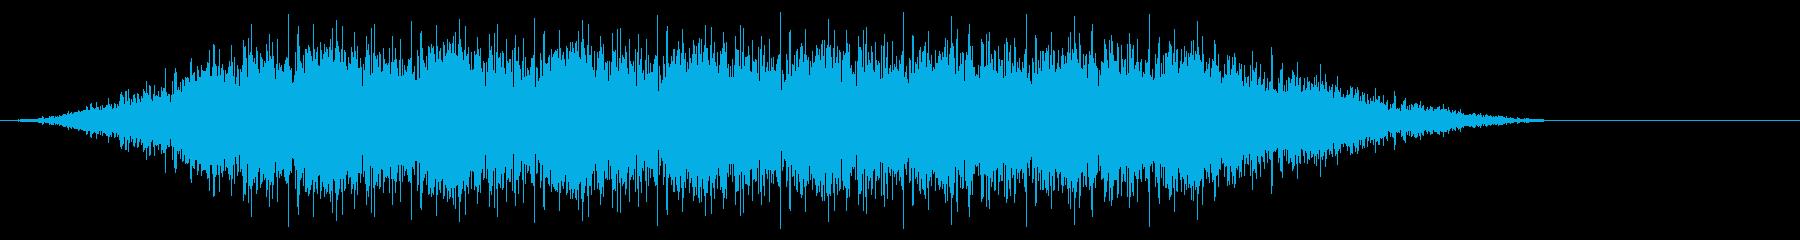 ピーンピーンピーンピーンの再生済みの波形